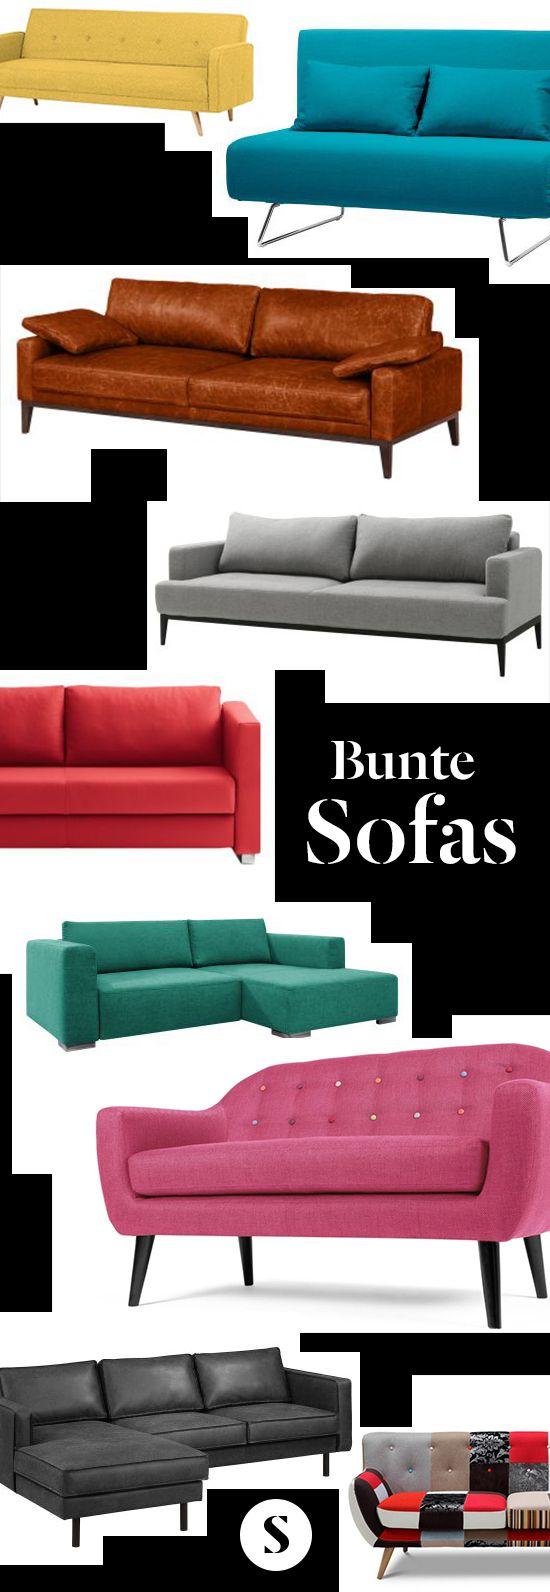 Einfaches hausdesign 2018 insel im alltag die besten bunten sofas   tipps für den sofakauf